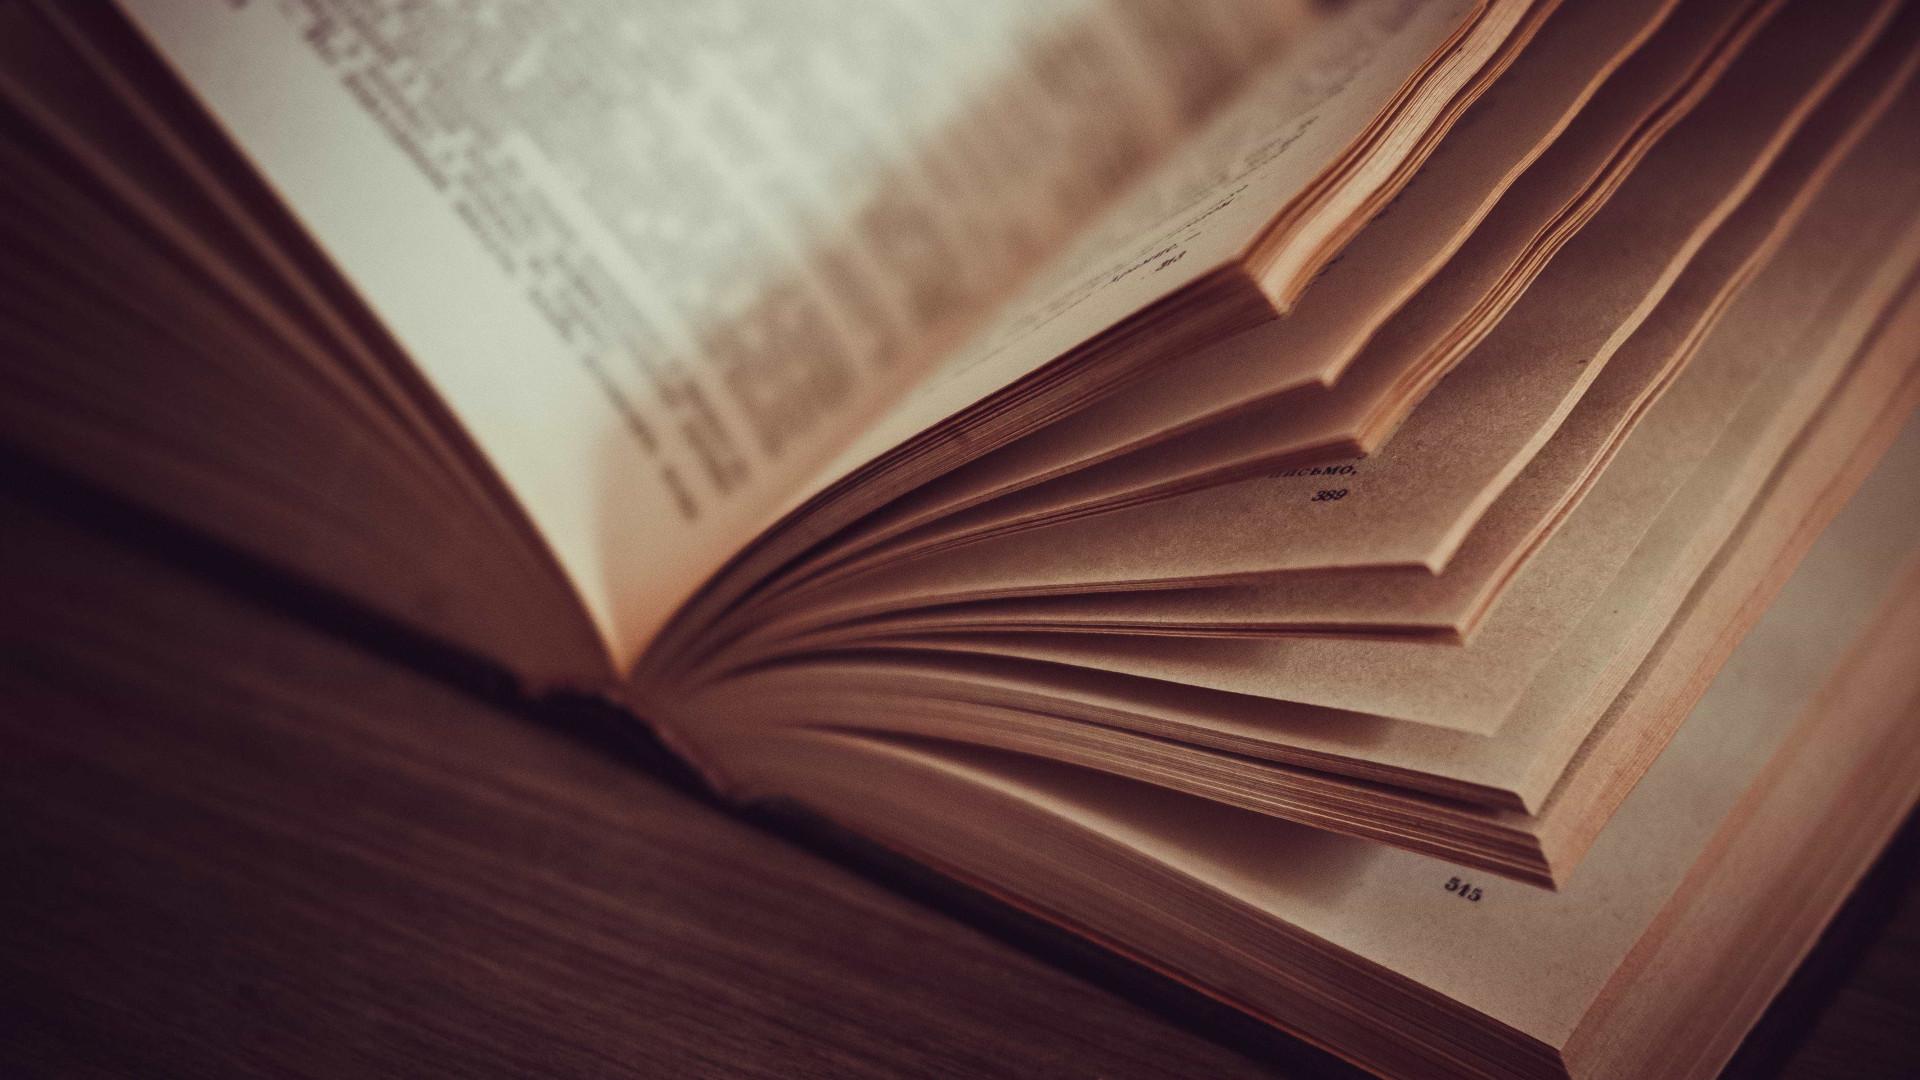 Vendas de livros crescem no Natal, mas mercado editorial encolhe